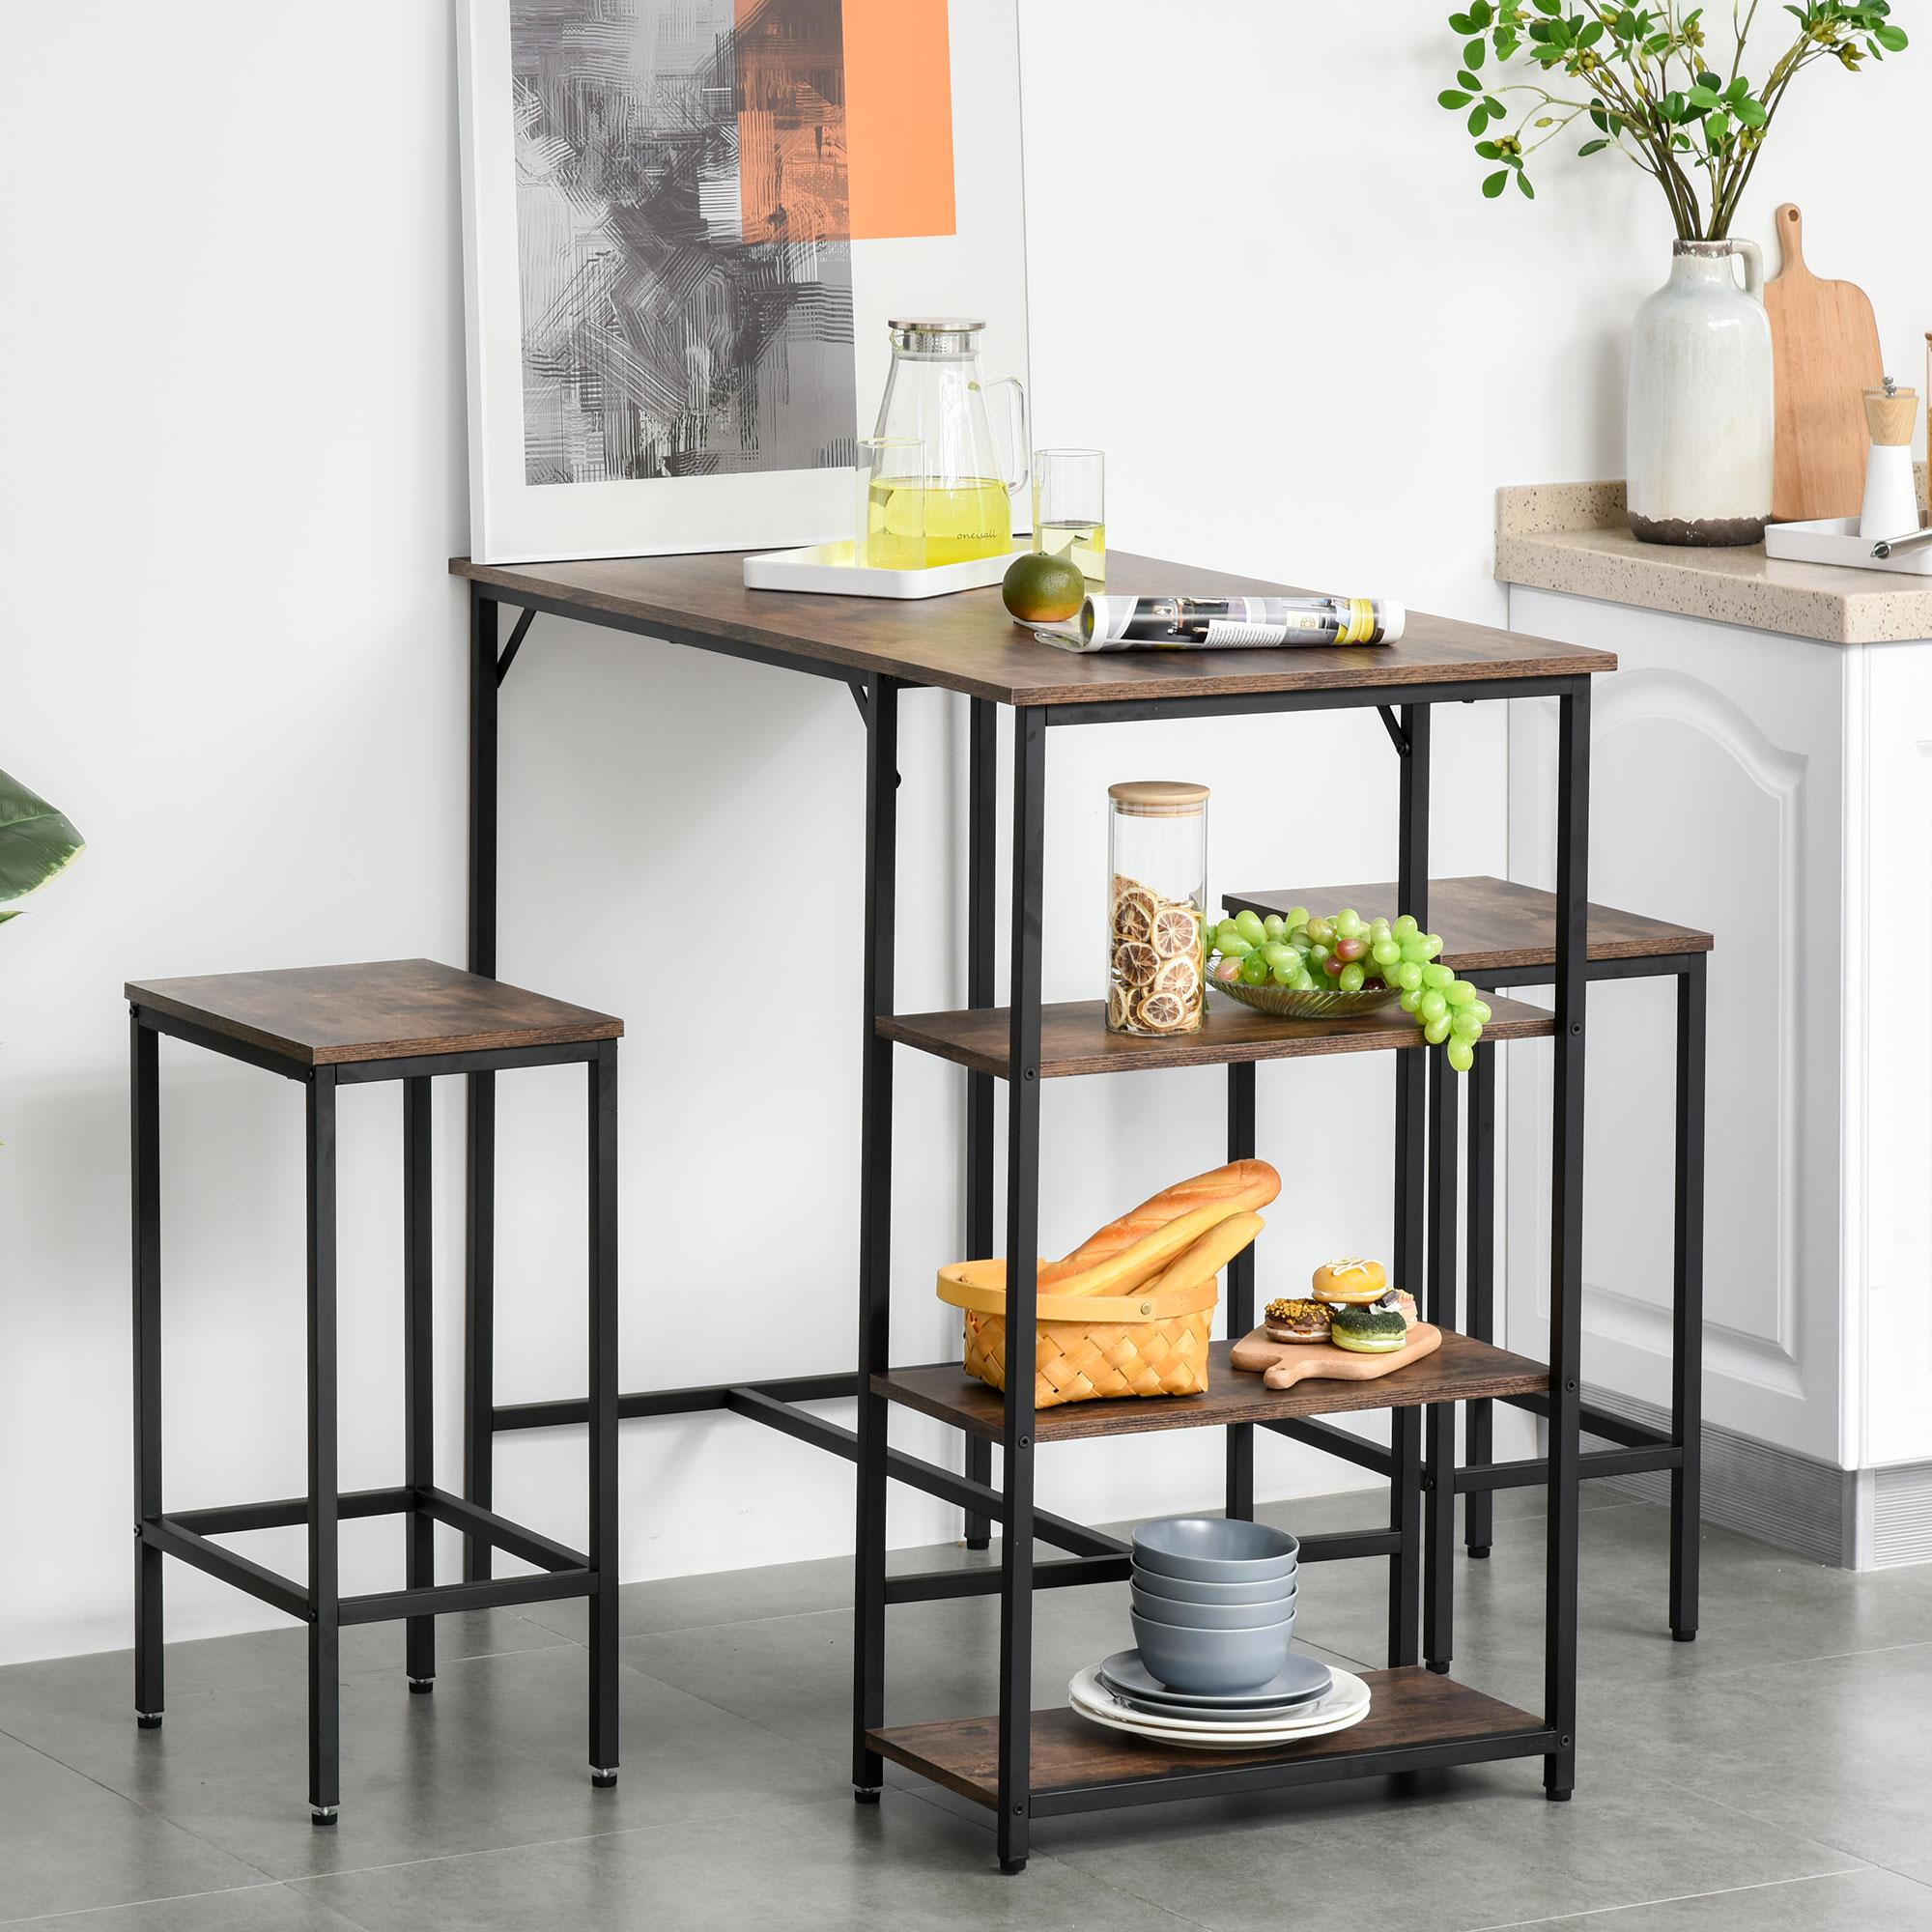 Set mesa alta con estantes y 2 taburetes con reposapiés